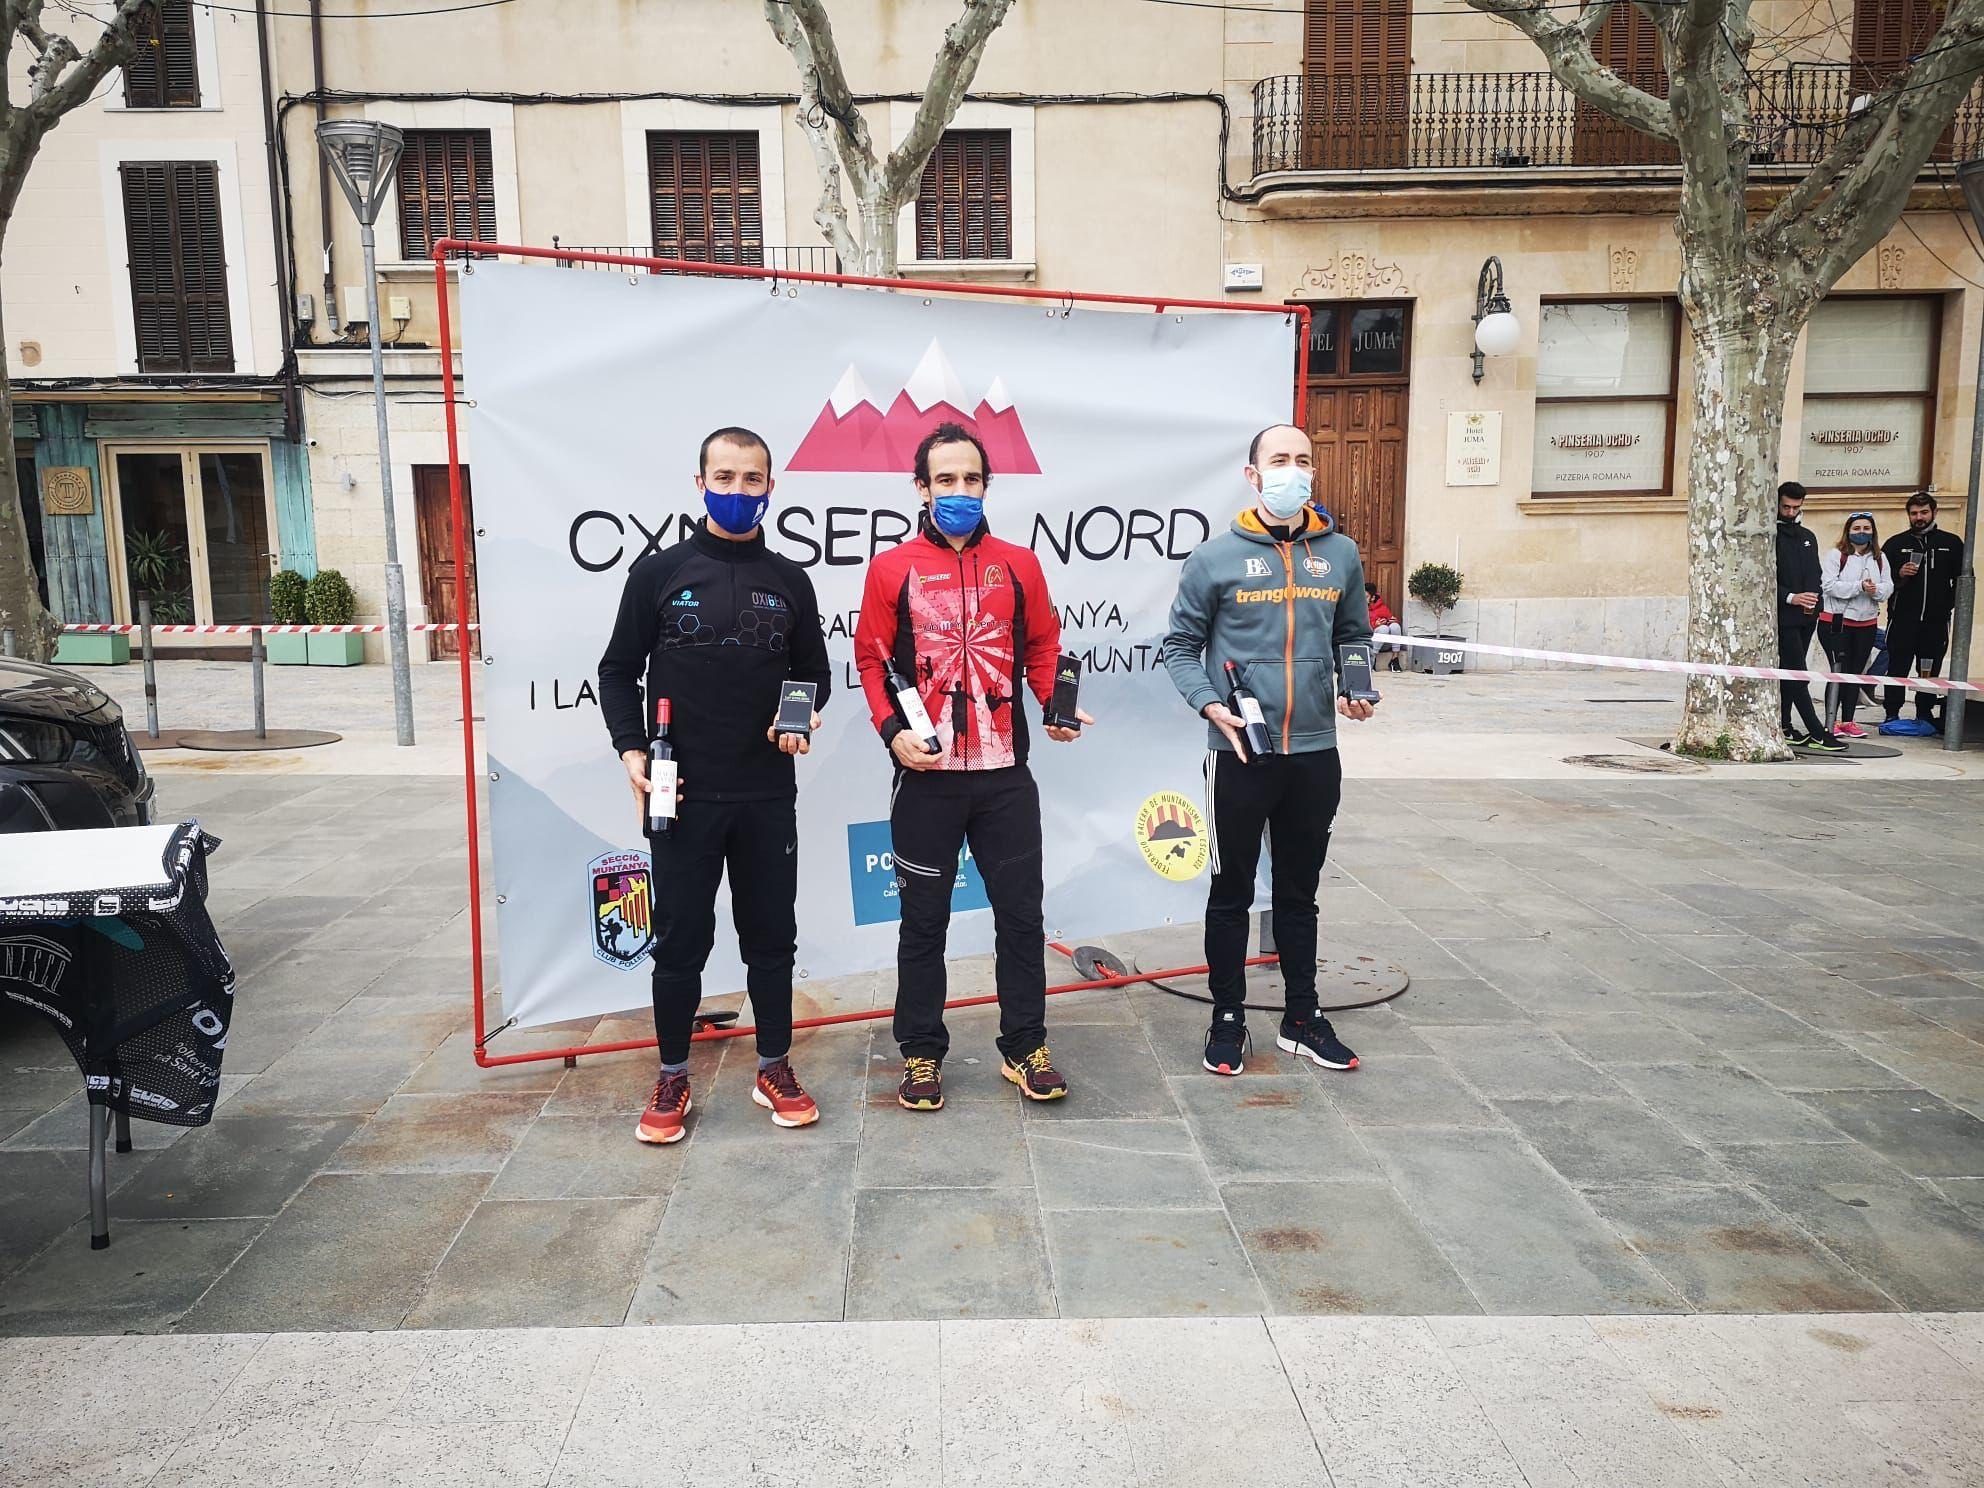 Podio masculino de la CxM Mallorca Nord del domingo.jpg